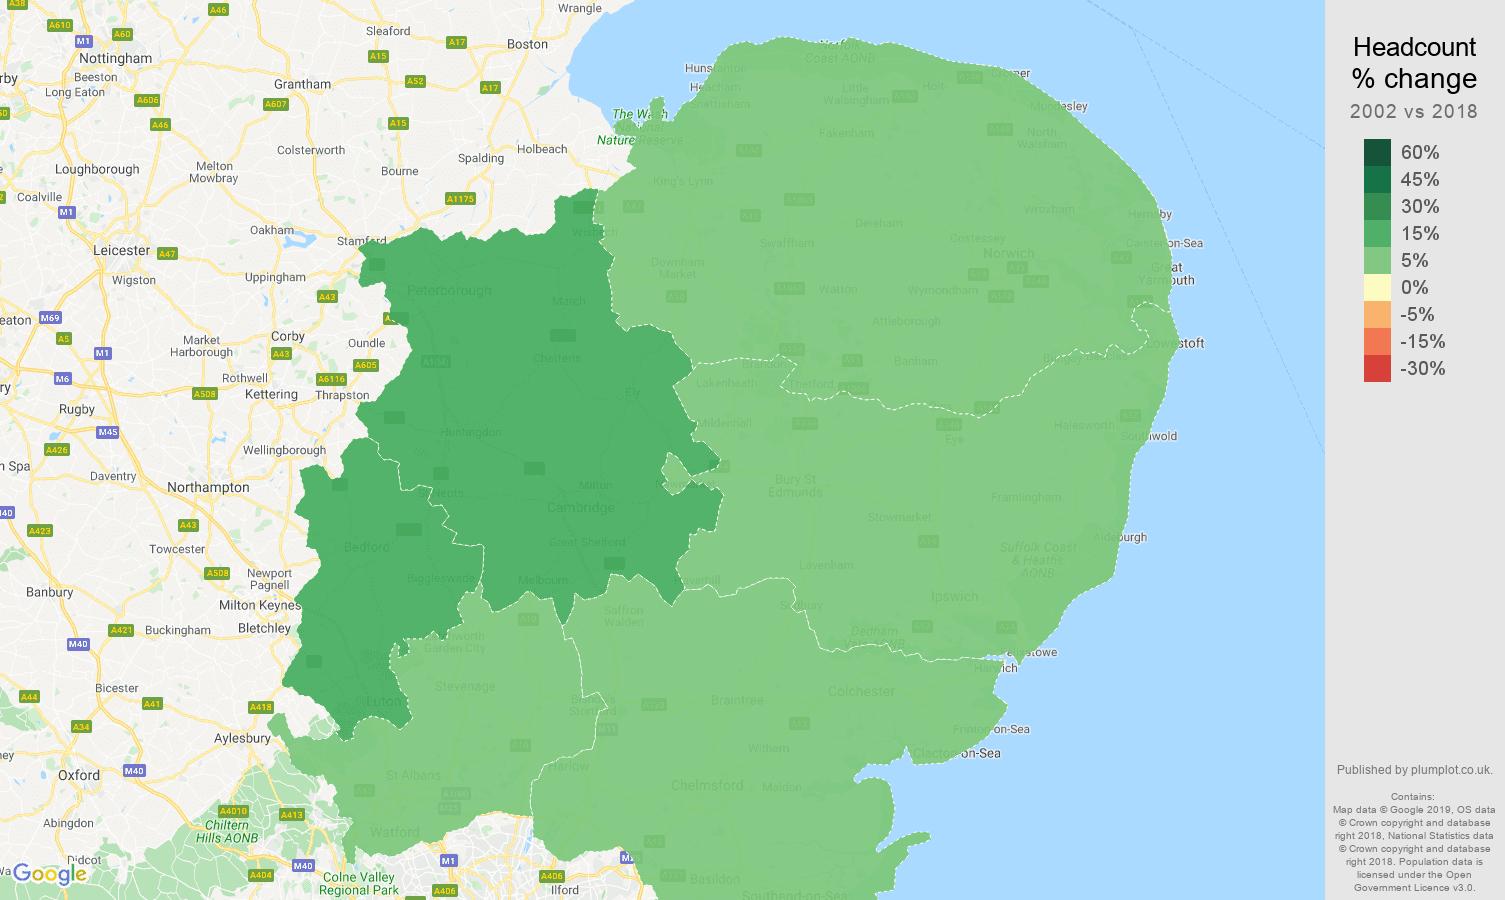 East of England headcount change map